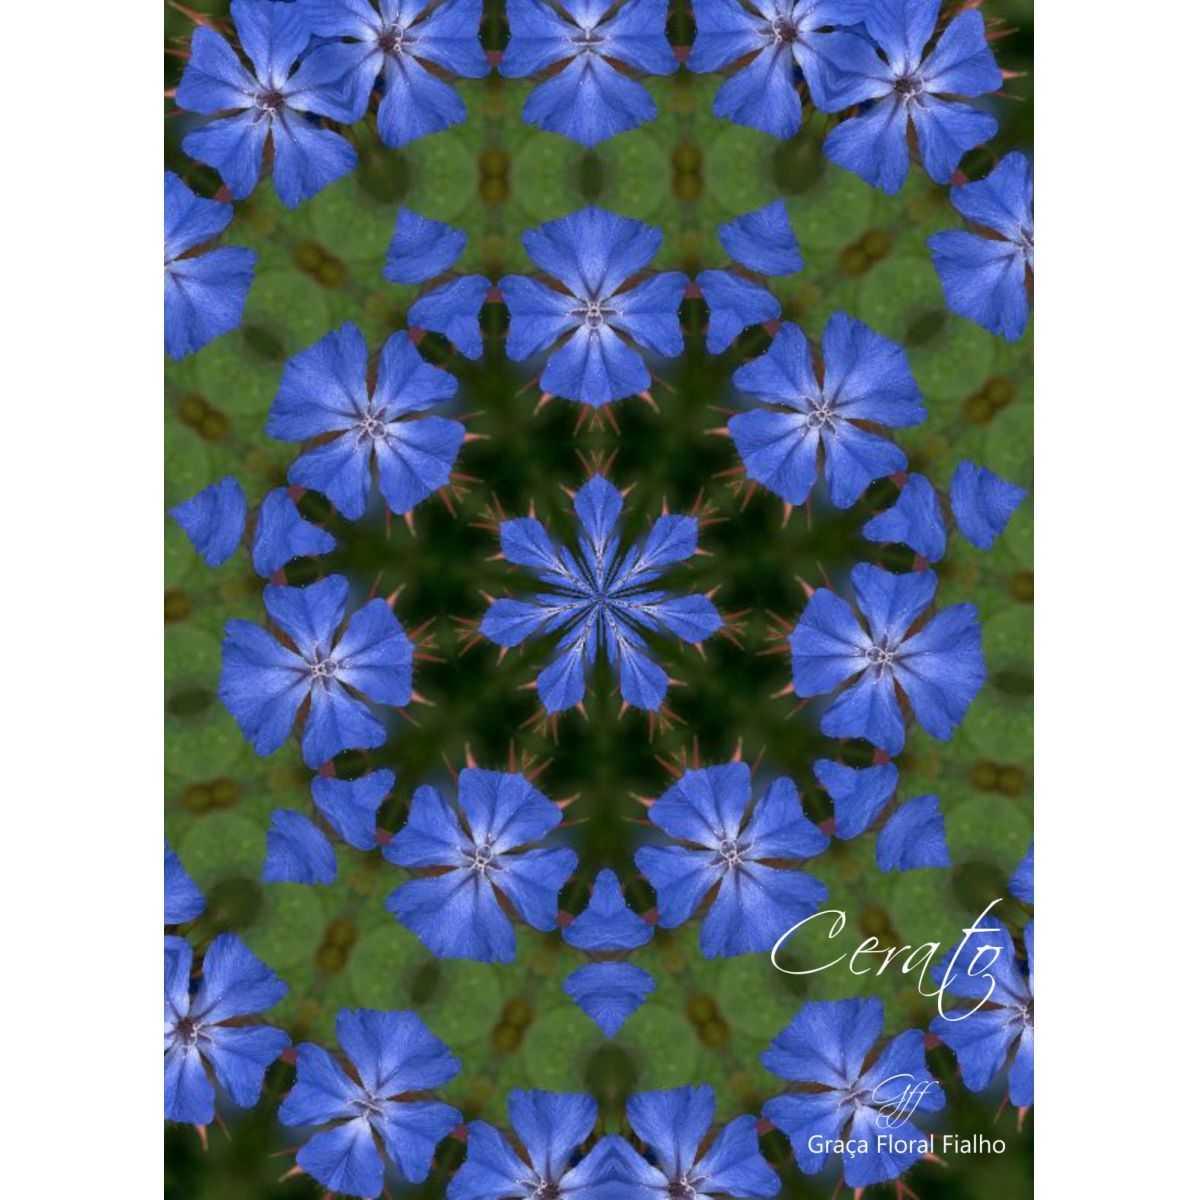 Poster Mandala Cerato